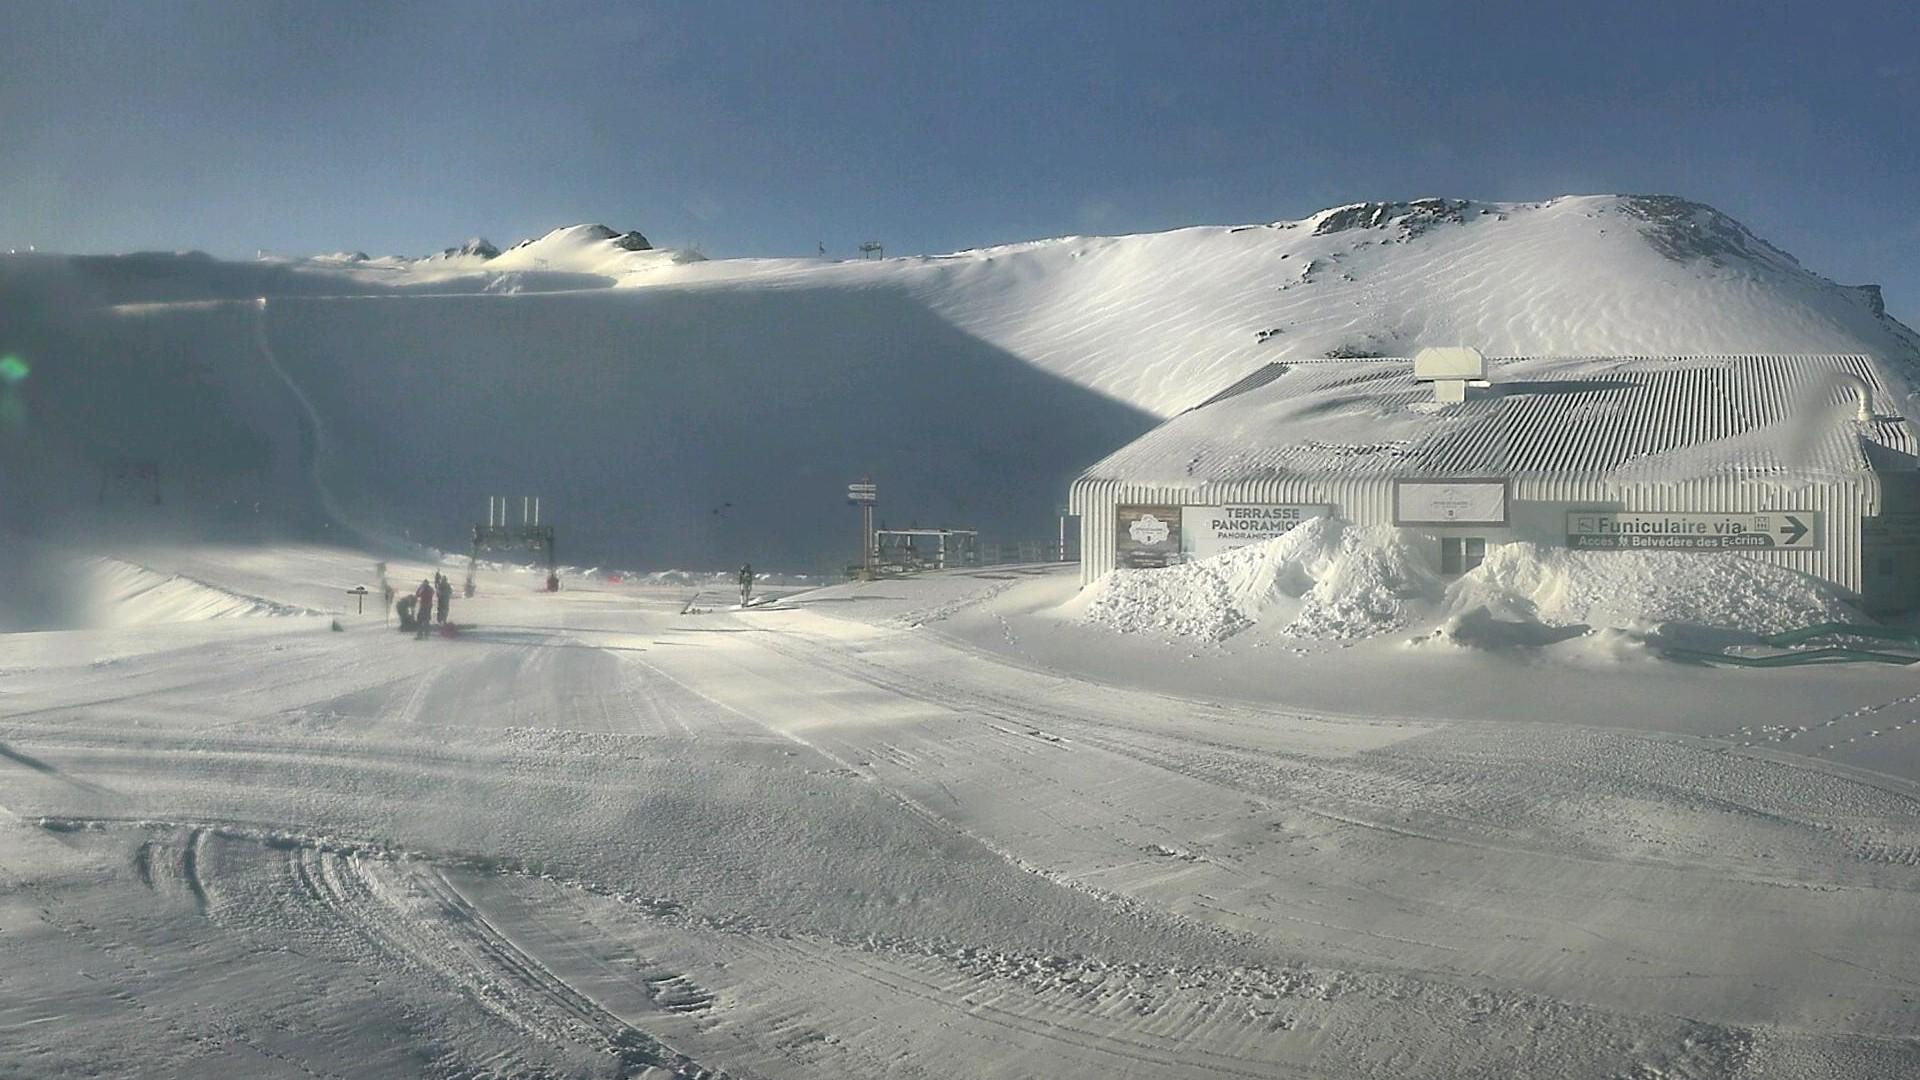 20200608_070300_mega_2alpes_restaurant-les-glaciers_1920x1080